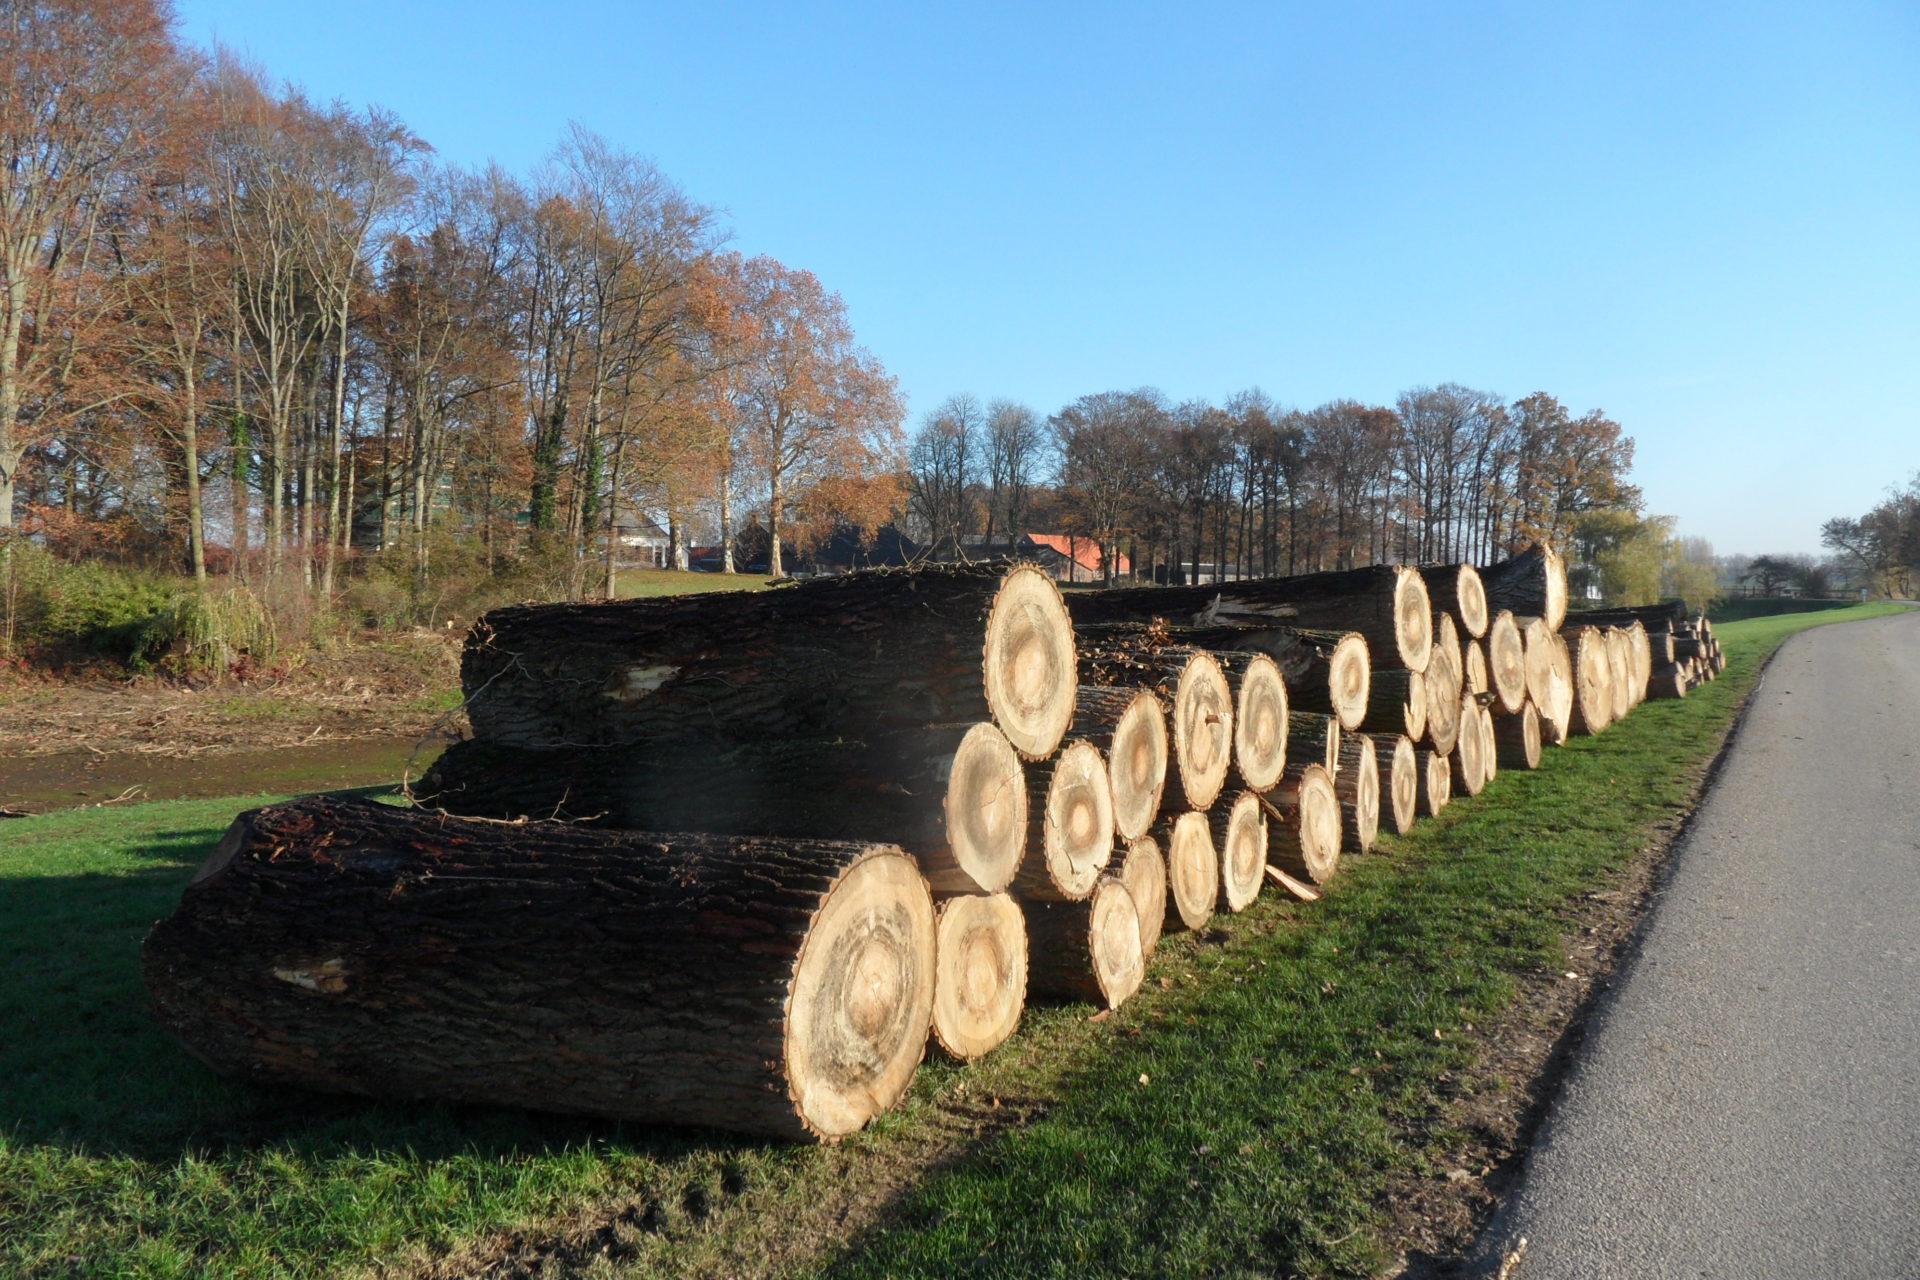 """""""In Brummen noemt men het revitalisering van het landgoed Reuversweerd, ik vind het niet goed voor het land maar noem het gewoon kaalslag."""" (bomenkapmeldpunt.nl)"""